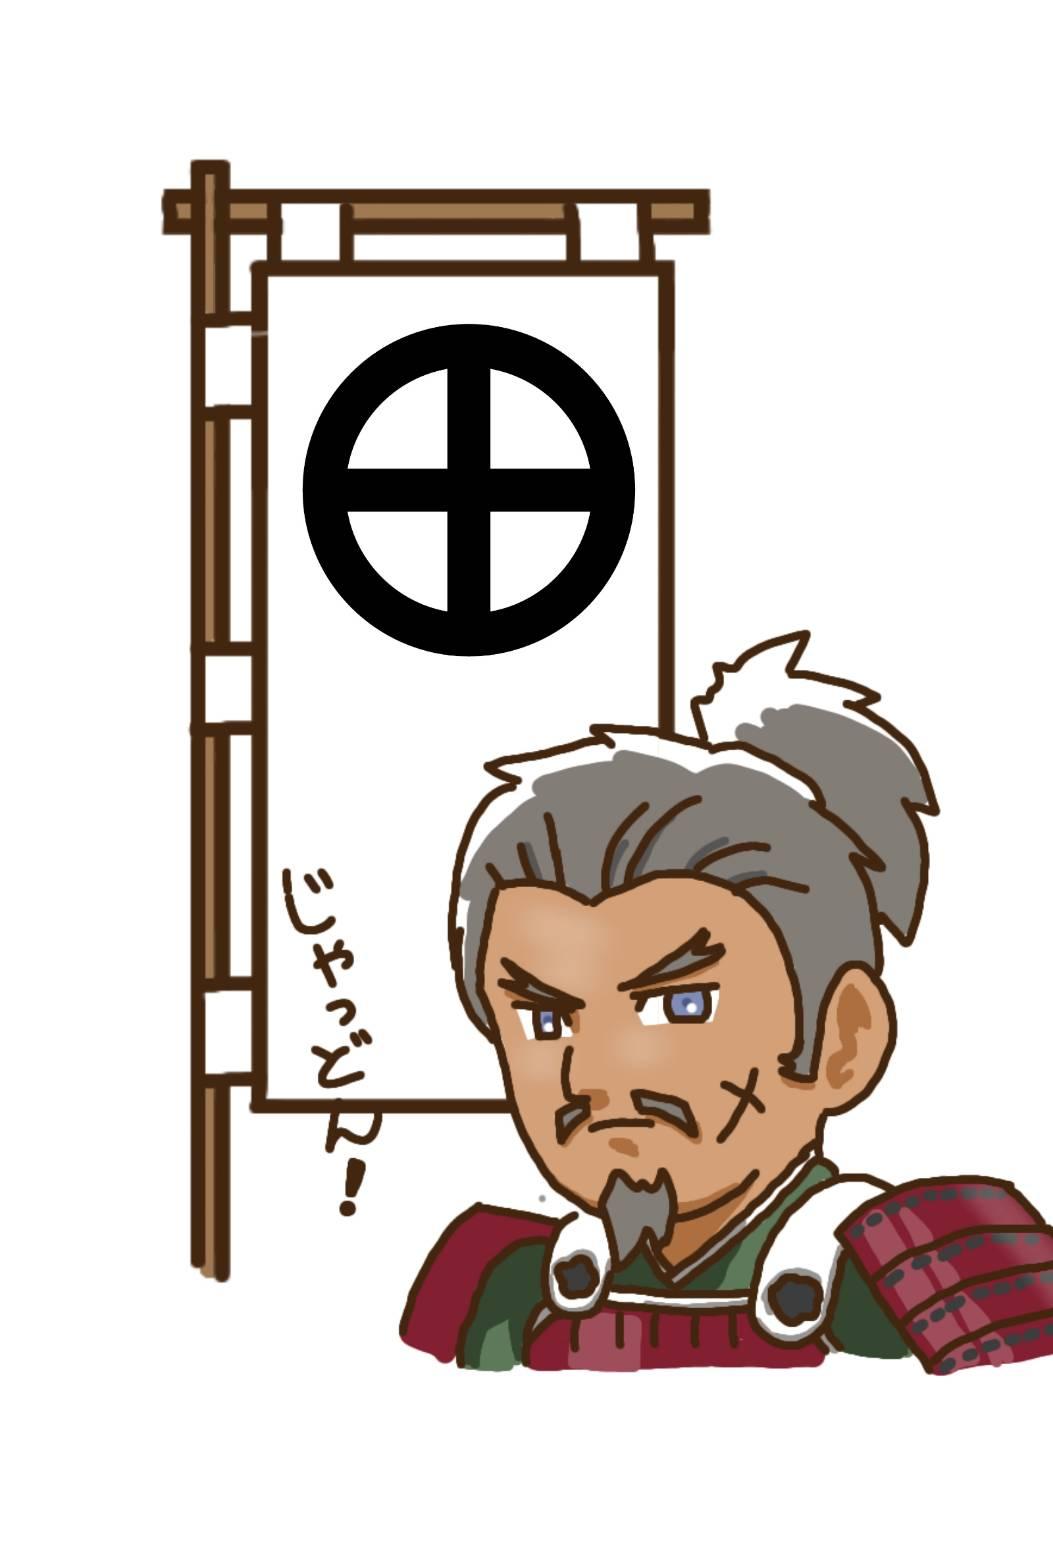 真田幸村の六文銭の意味は?旗を見ればモットーが分かる!【歴史教養クイズ】の画像20